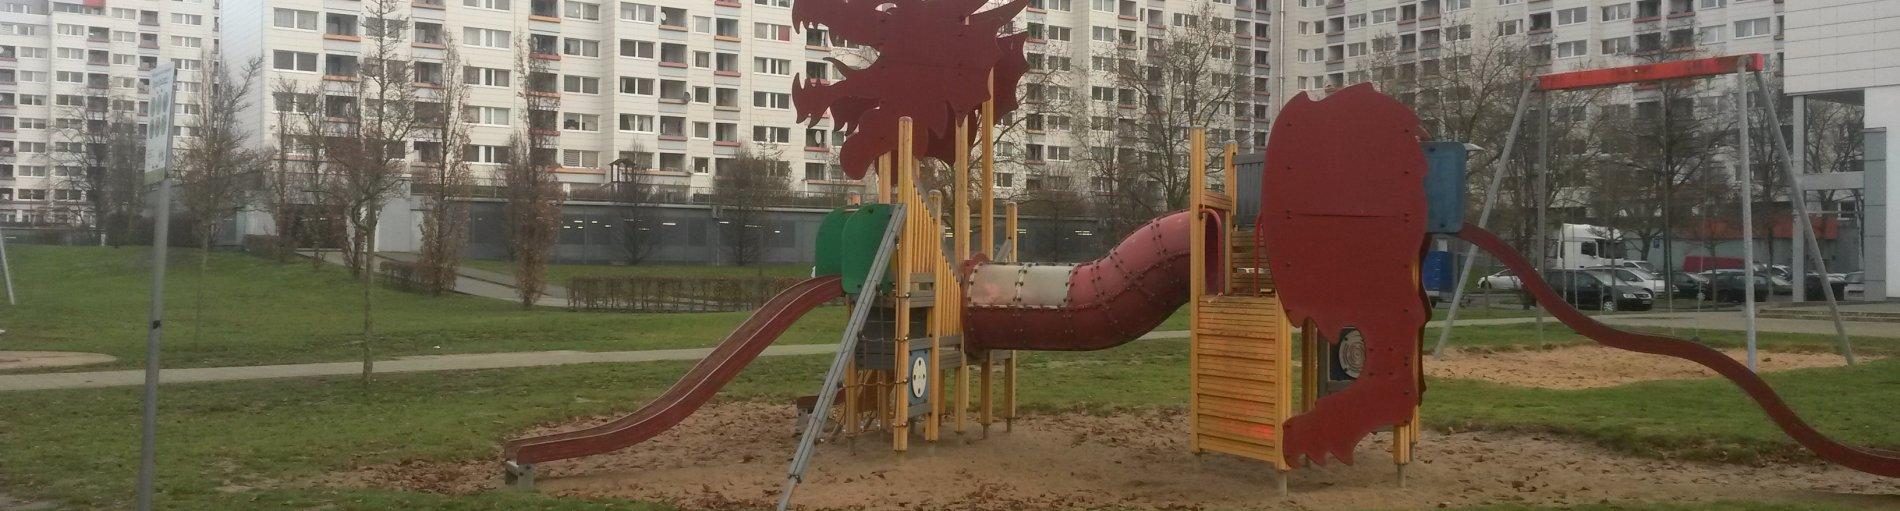 Kinderspielplatz vor Hochhäusern